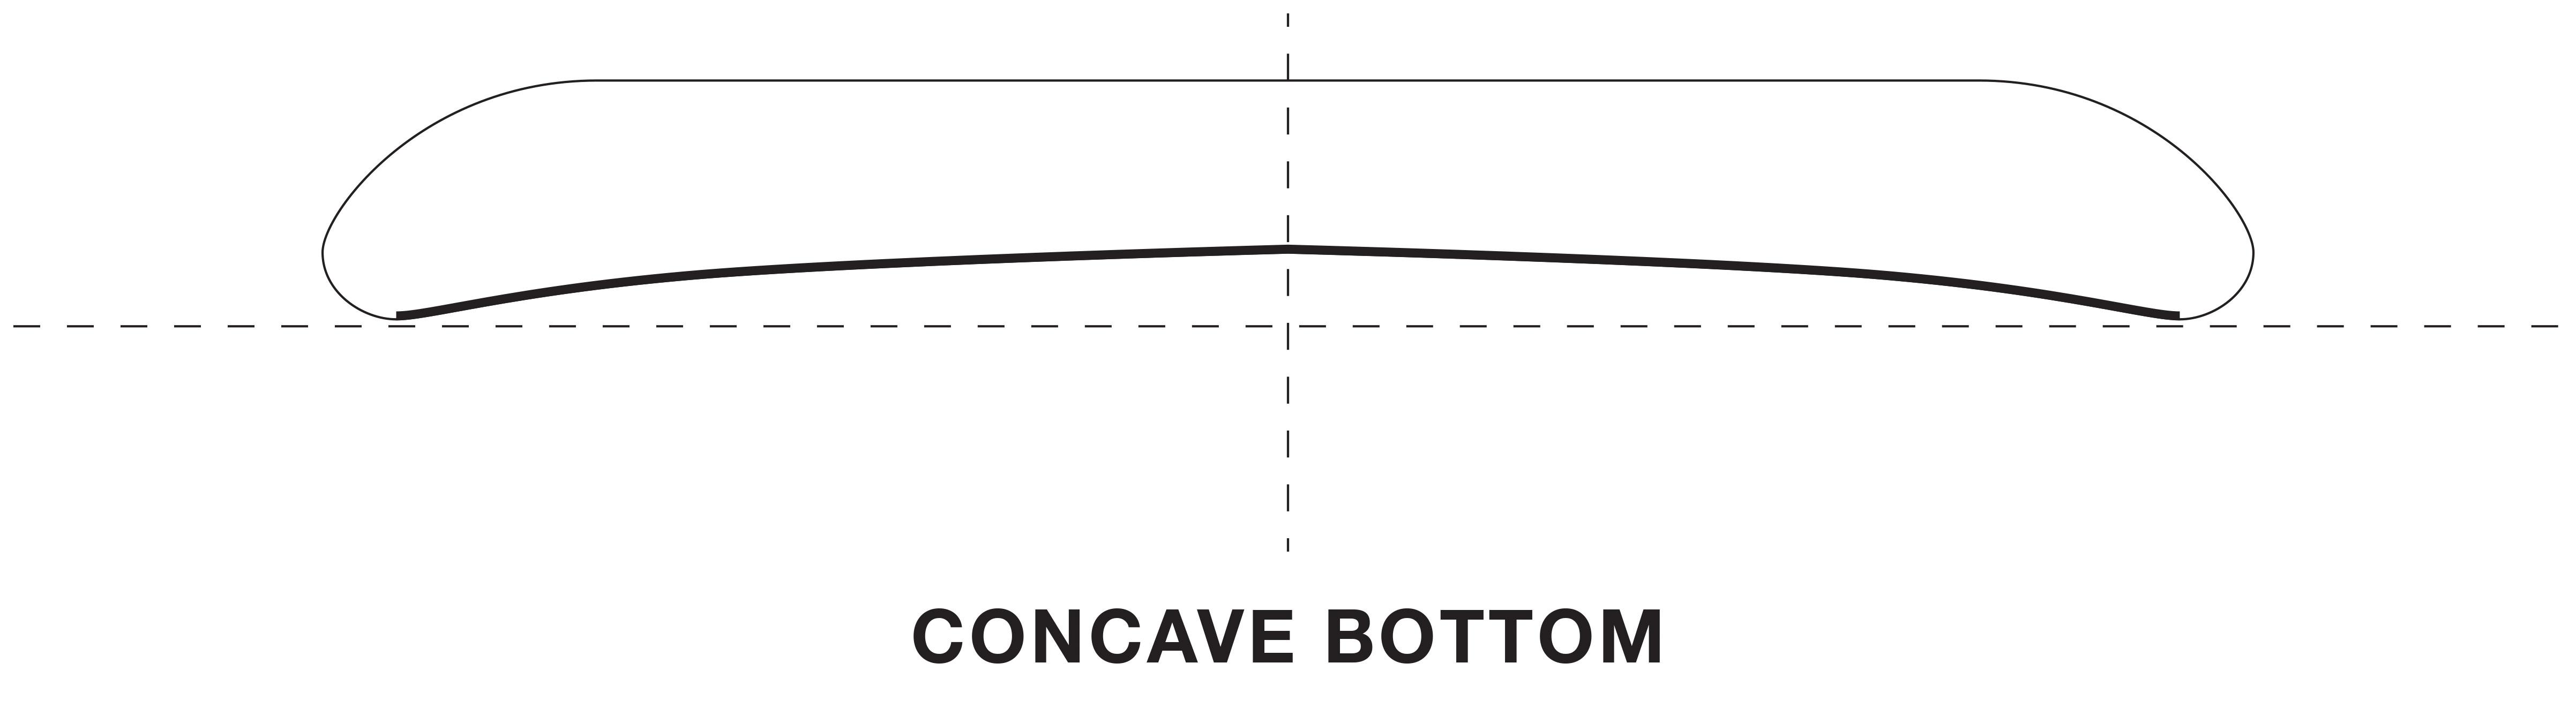 Différentes formes de concaves vous donnent une sensation différente dans clapot par rapport aux vagues.